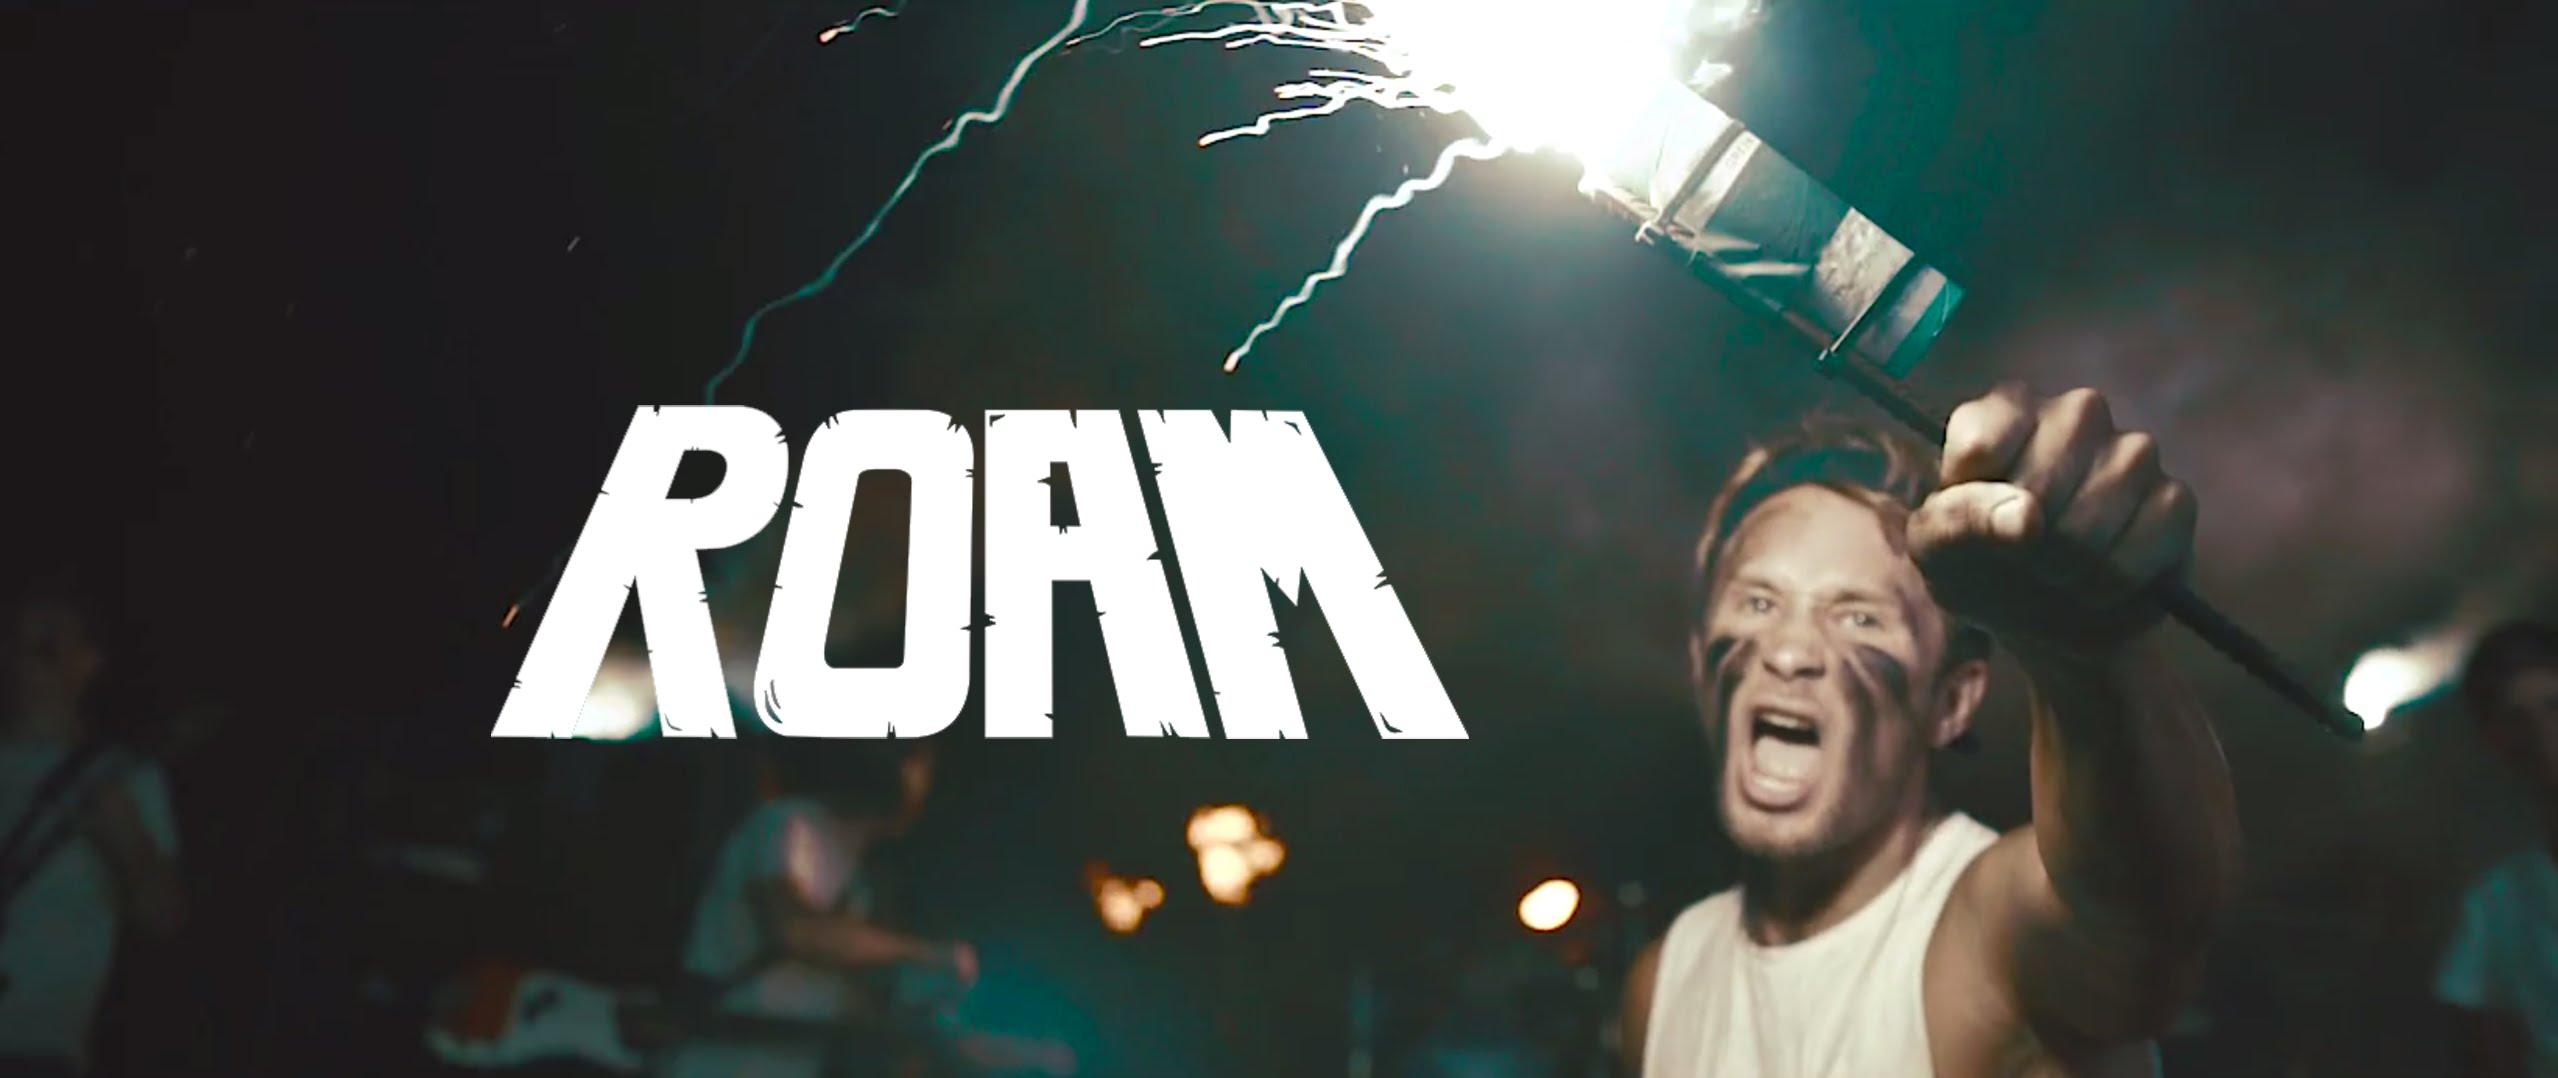 ROAM - Deadweight feat. Matt Wilson (Official Music Video)